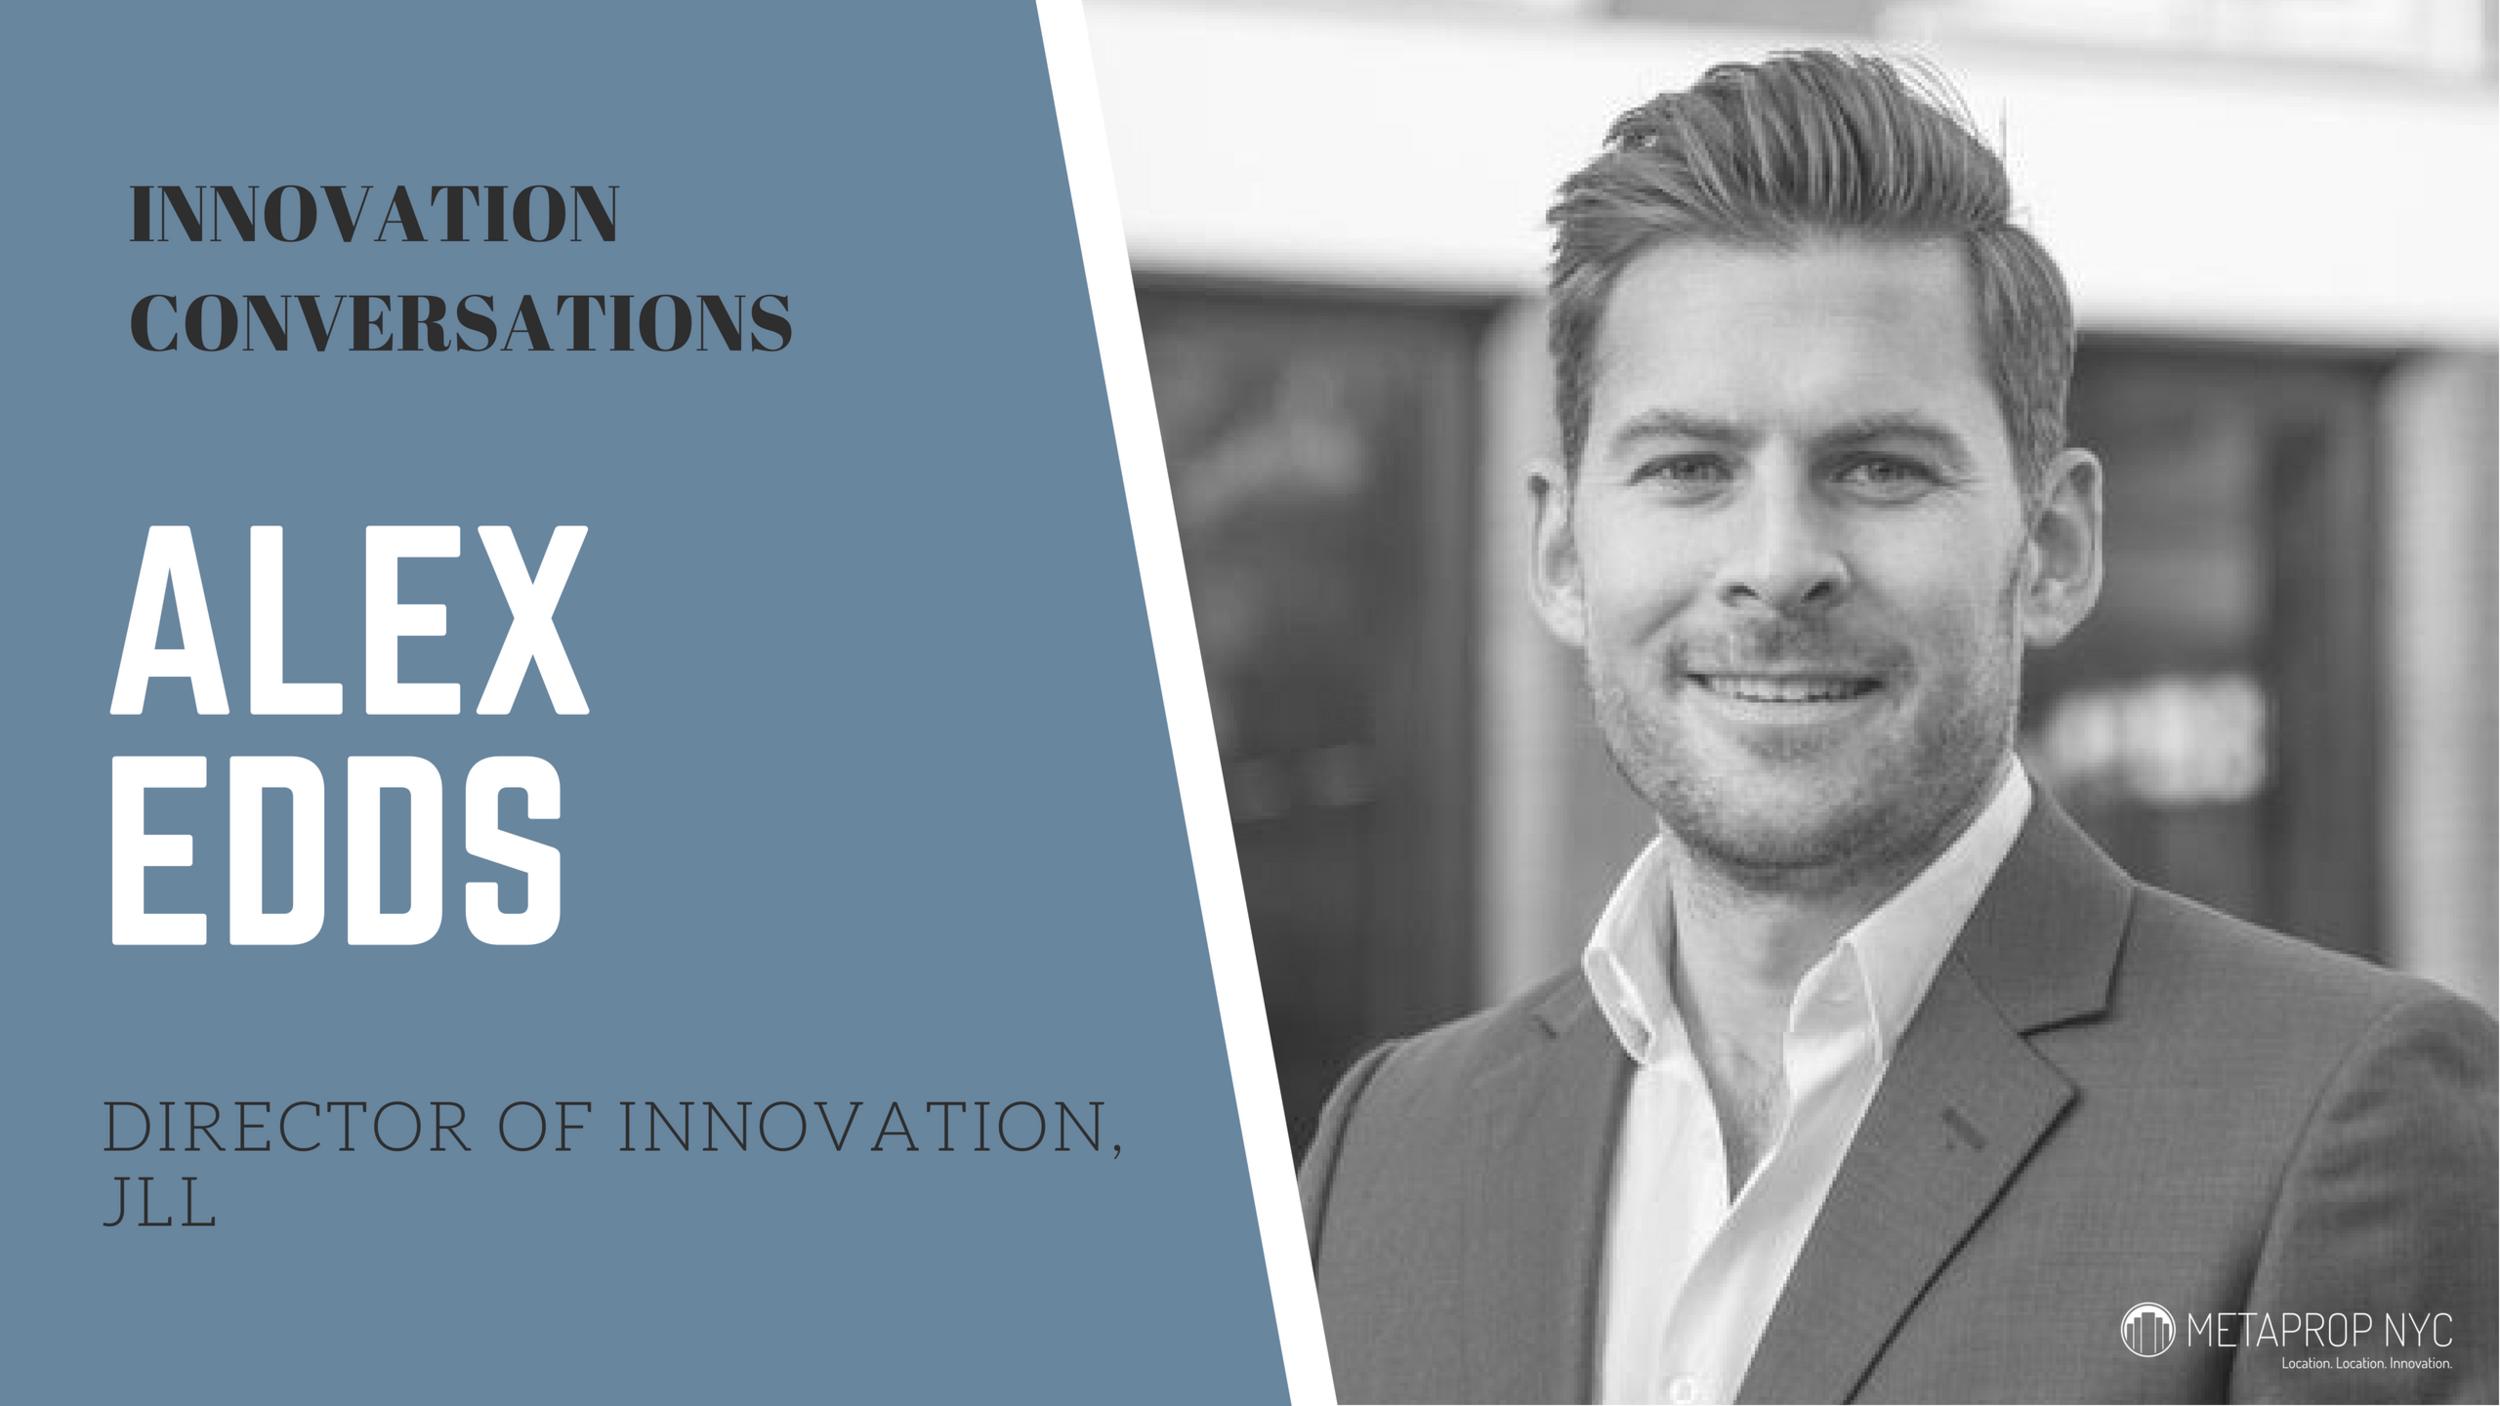 Alex Edds Innovation Conversations MetaProp